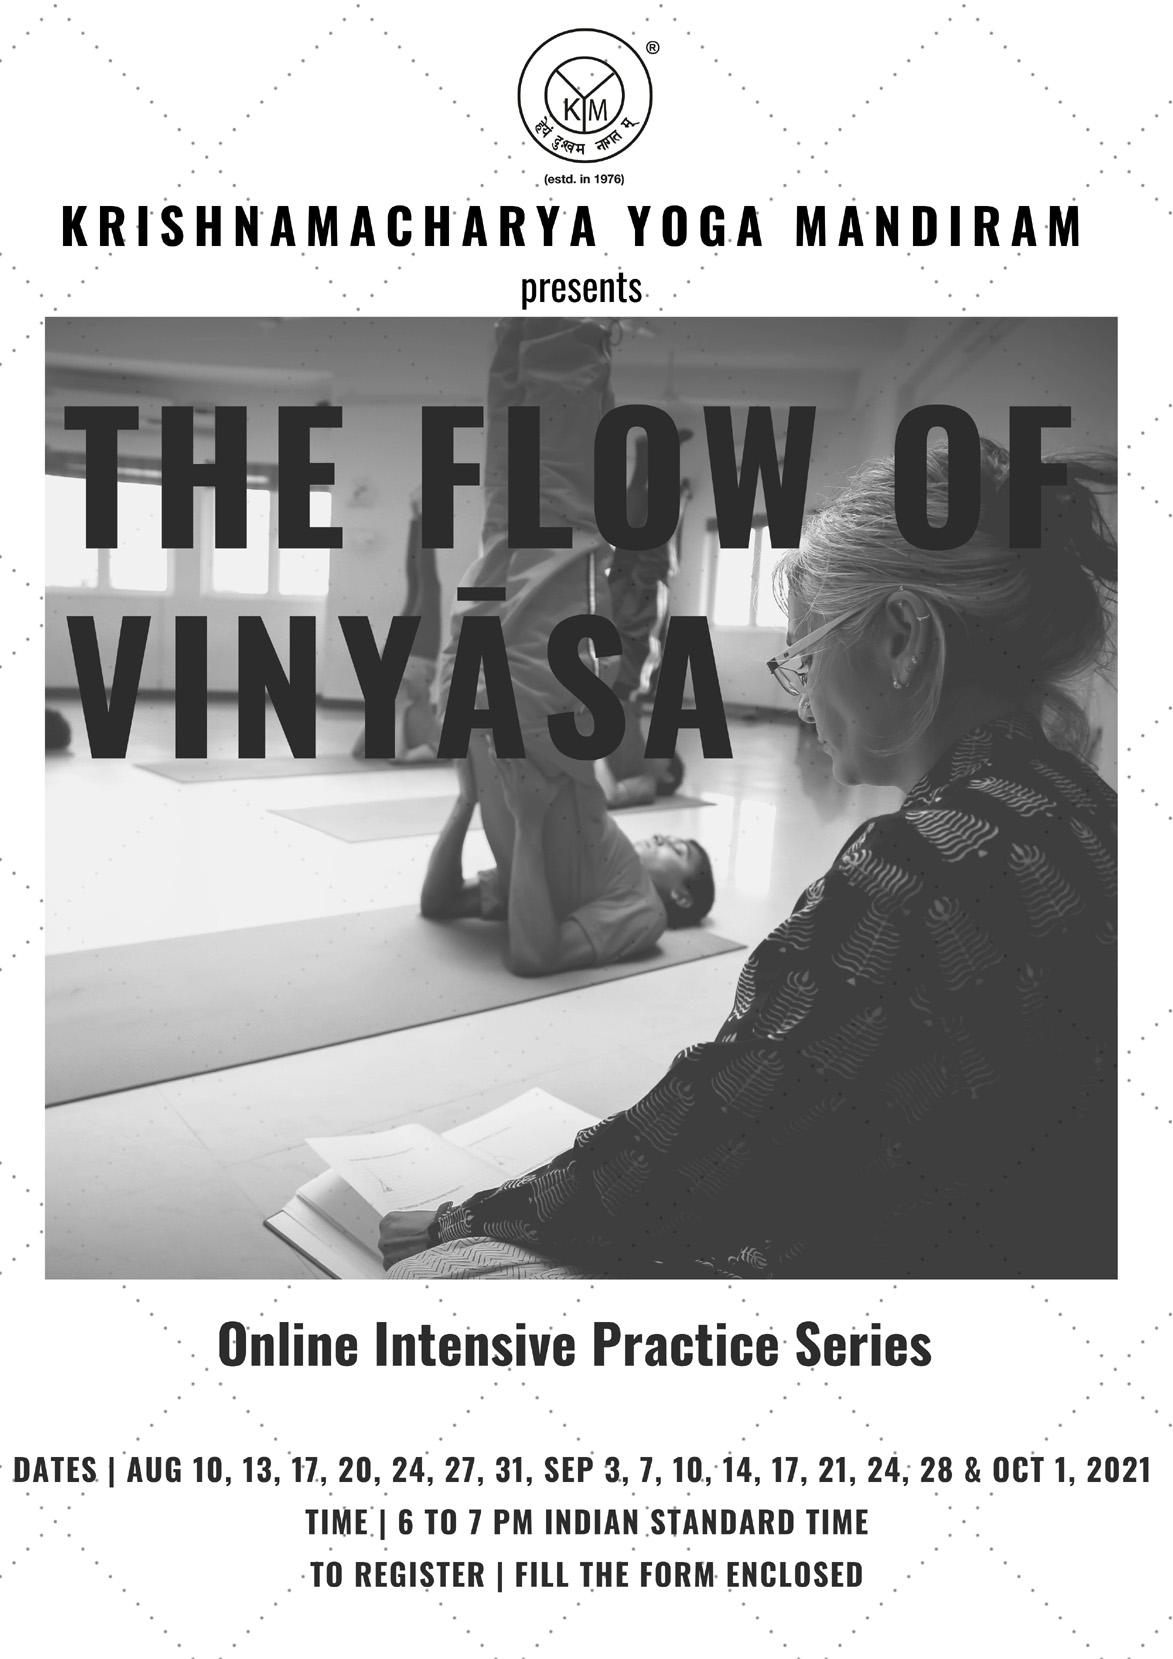 Online Intensive Practice Series | The Flow of Vinyāsa